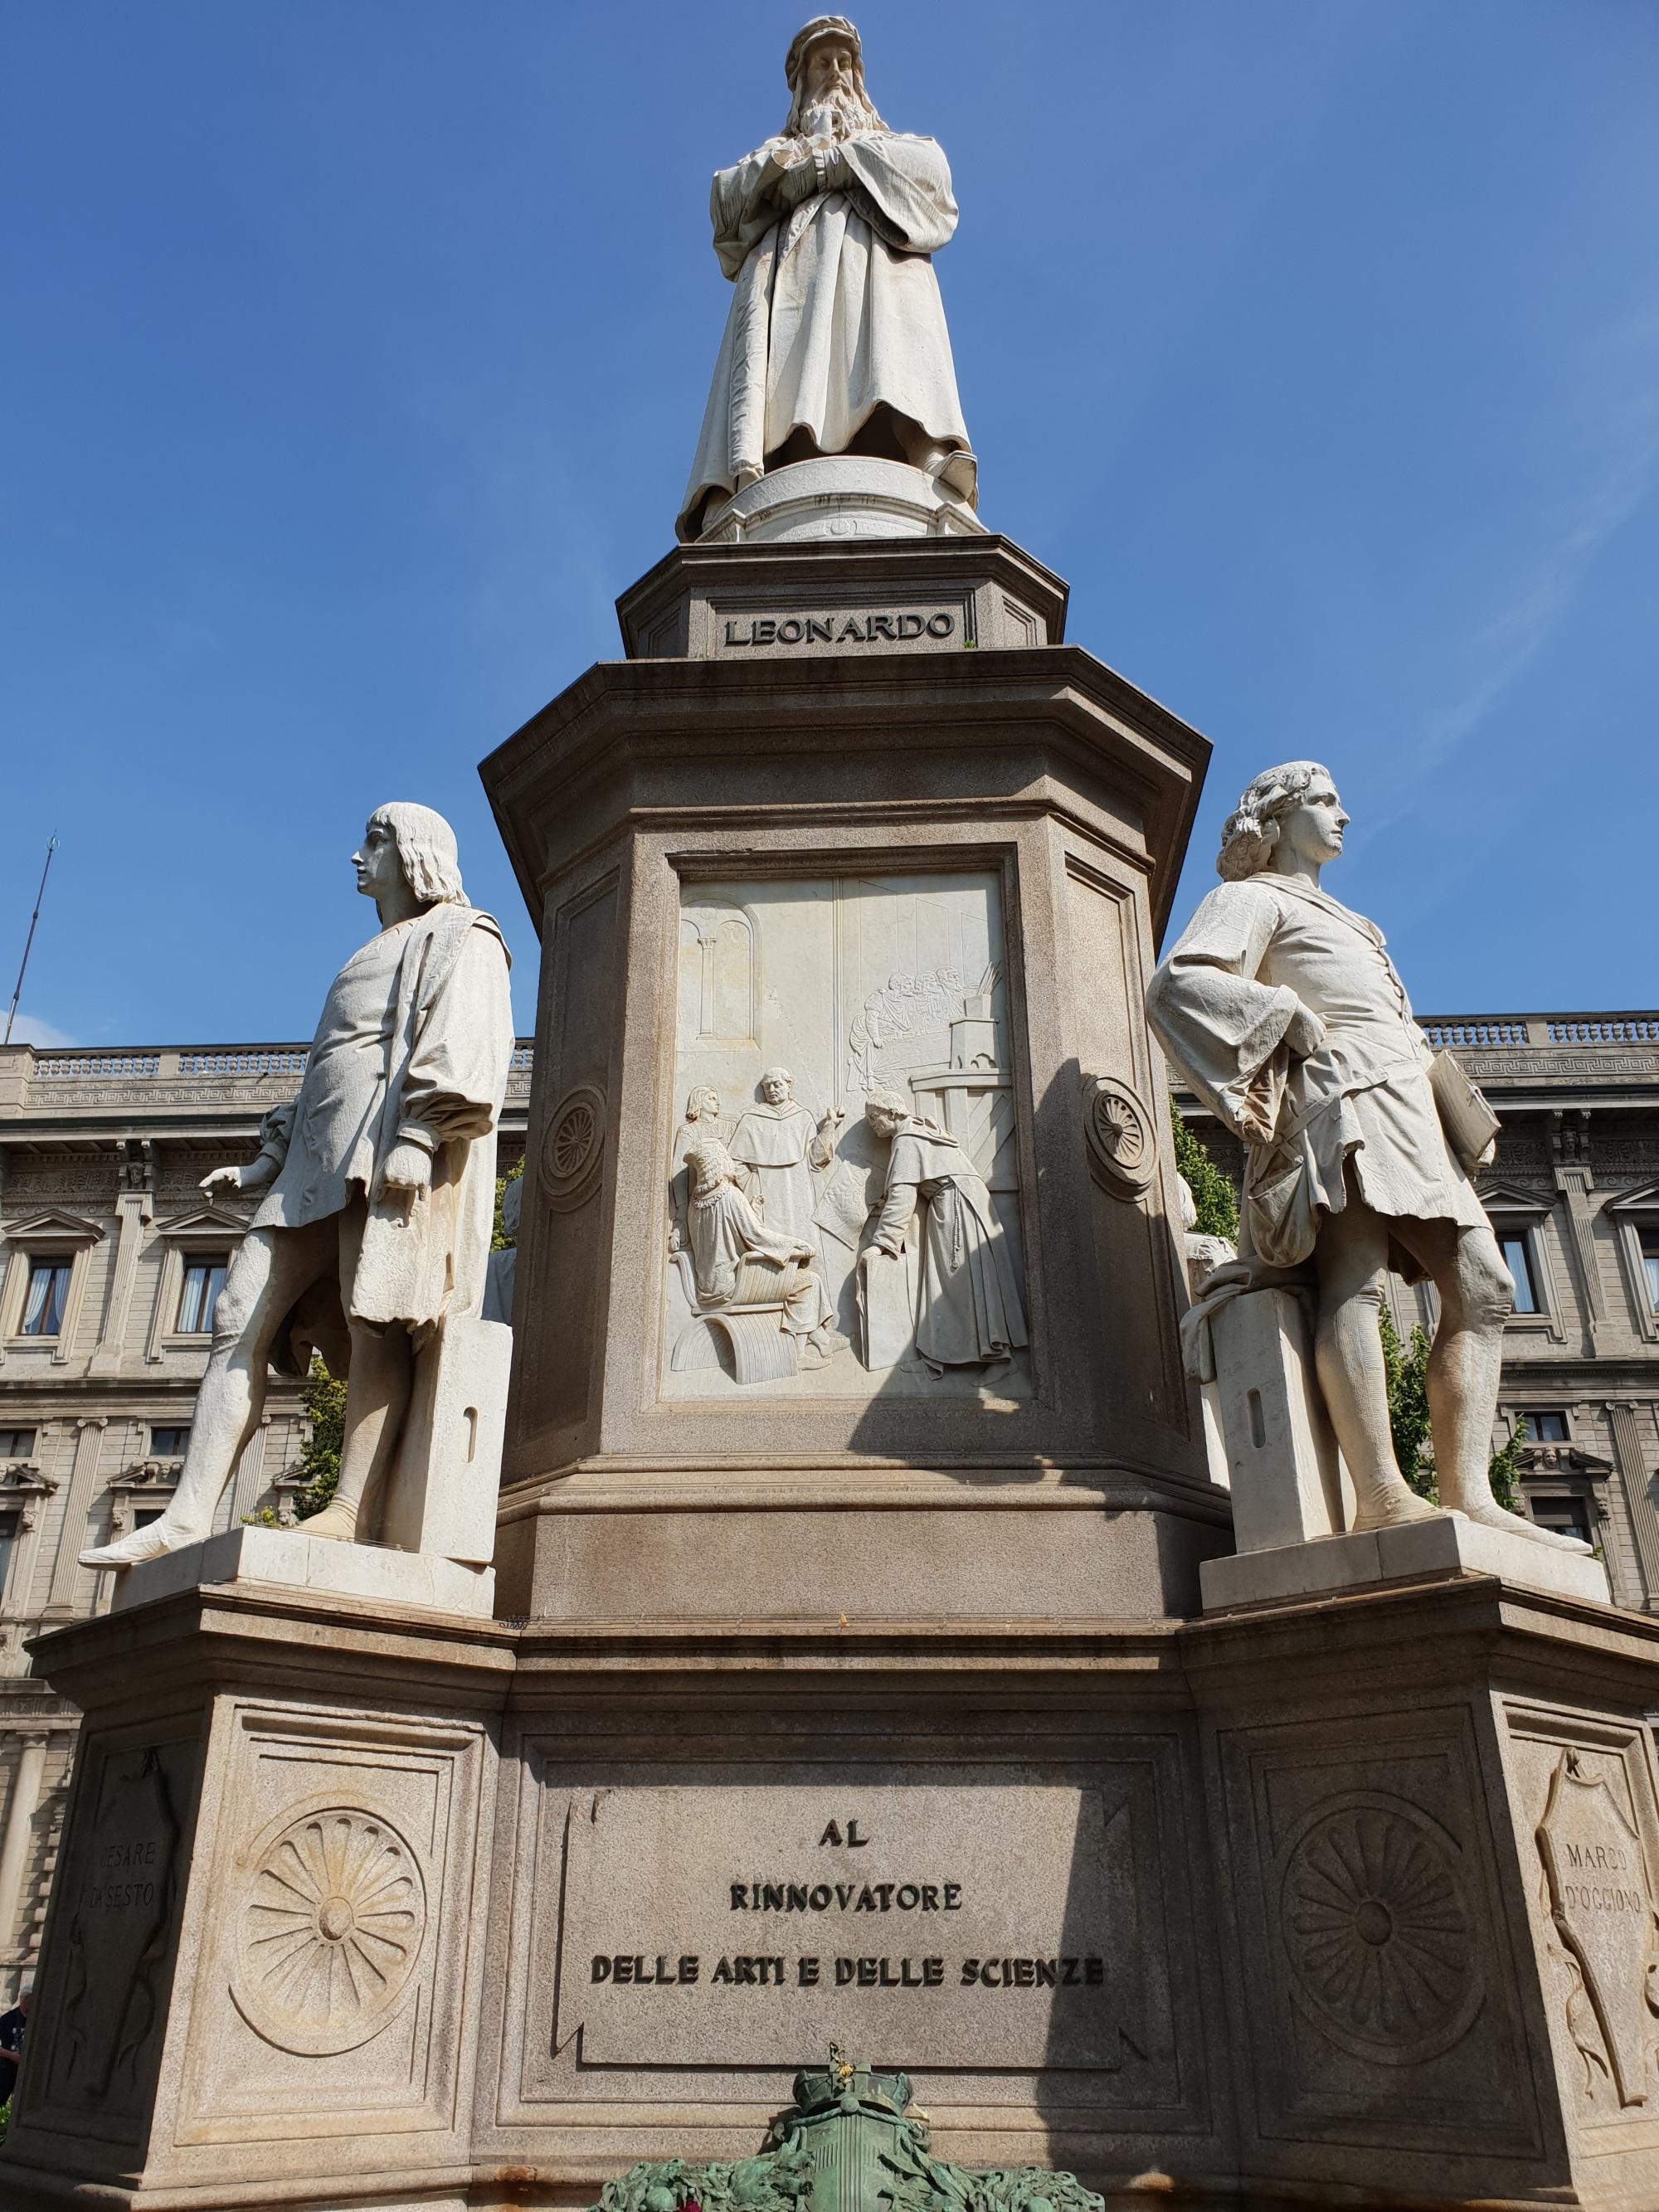 Памятник Леонардо в Милане